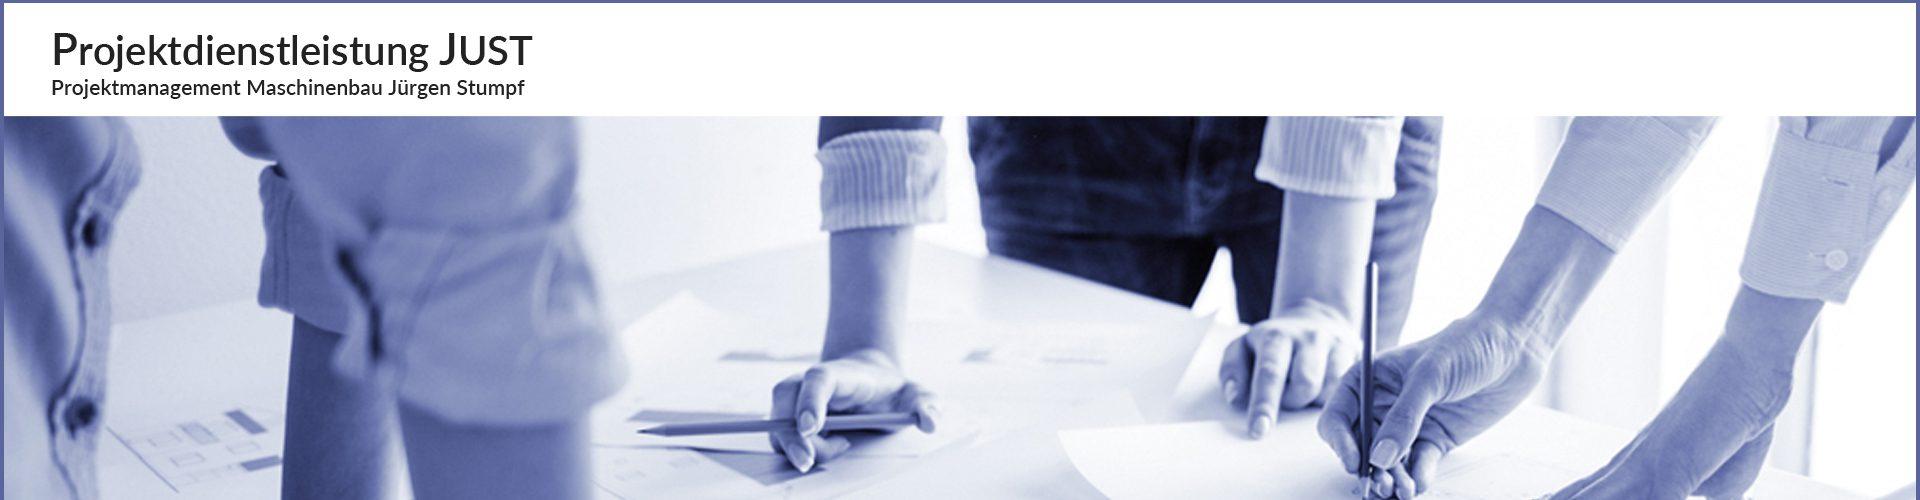 GraphikundGestaltung Grafik und Gestaltung Christoph Fincke Kunden: Projektdienstleistung Jürgen Stumpf JUST